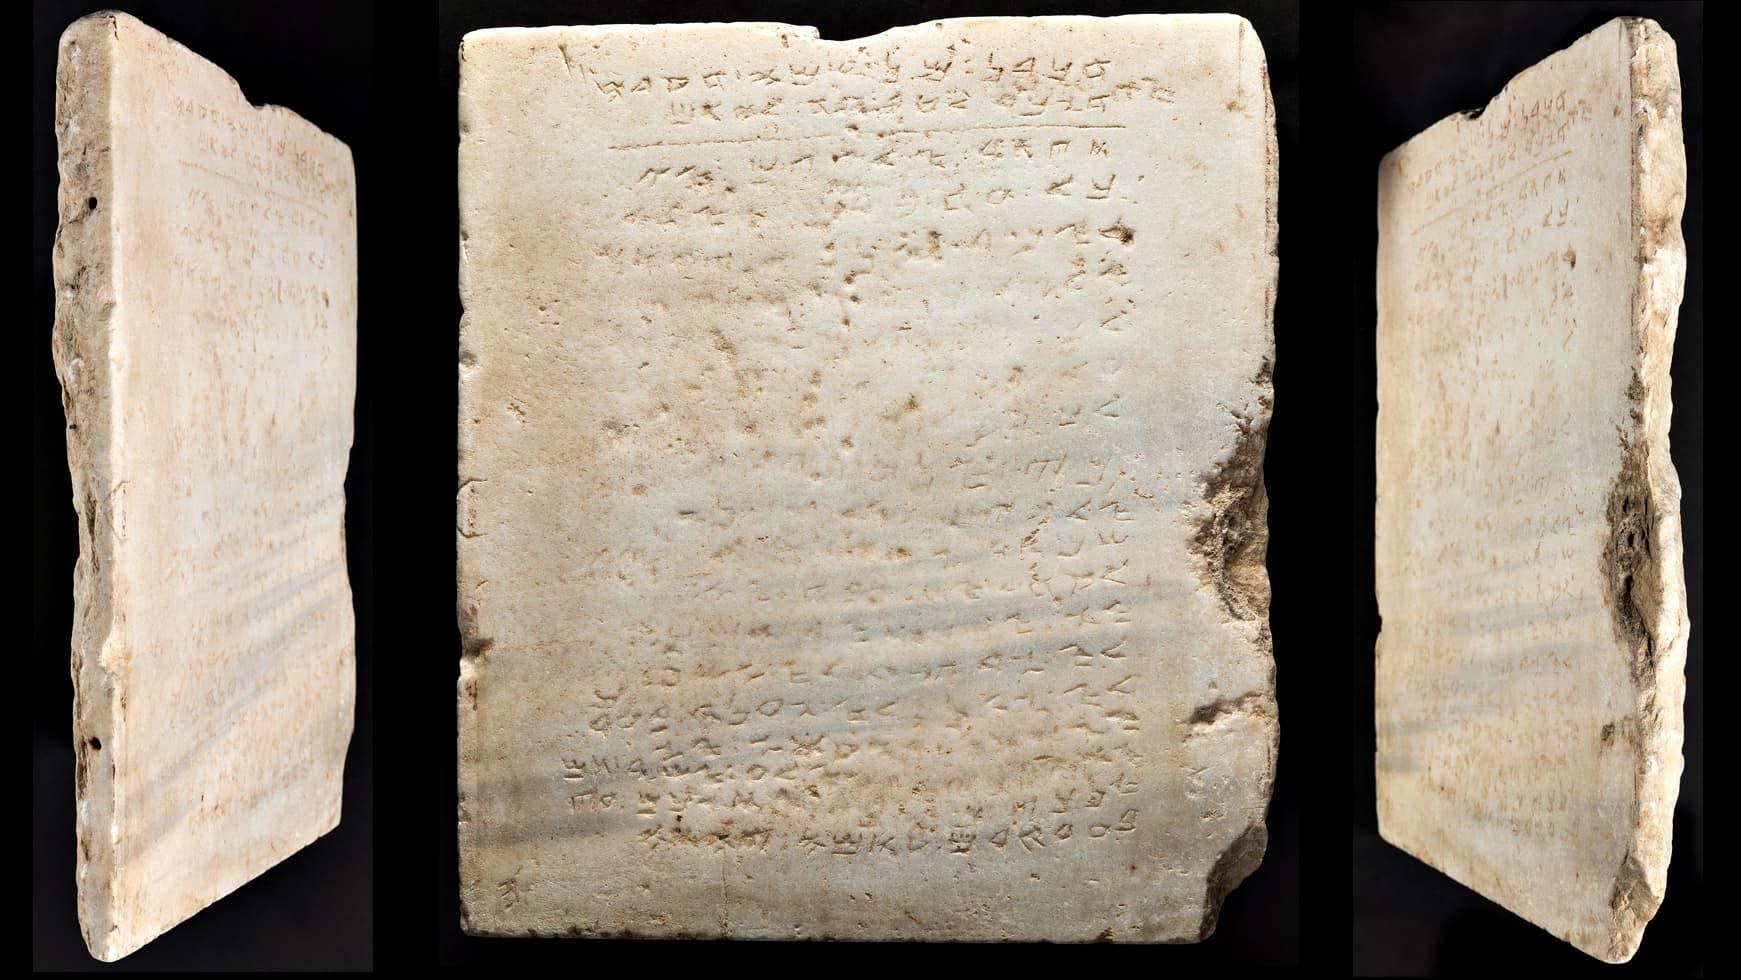 Vanhin tunnettu versio kiveen kaiverretuista kymmenestä käskystä.